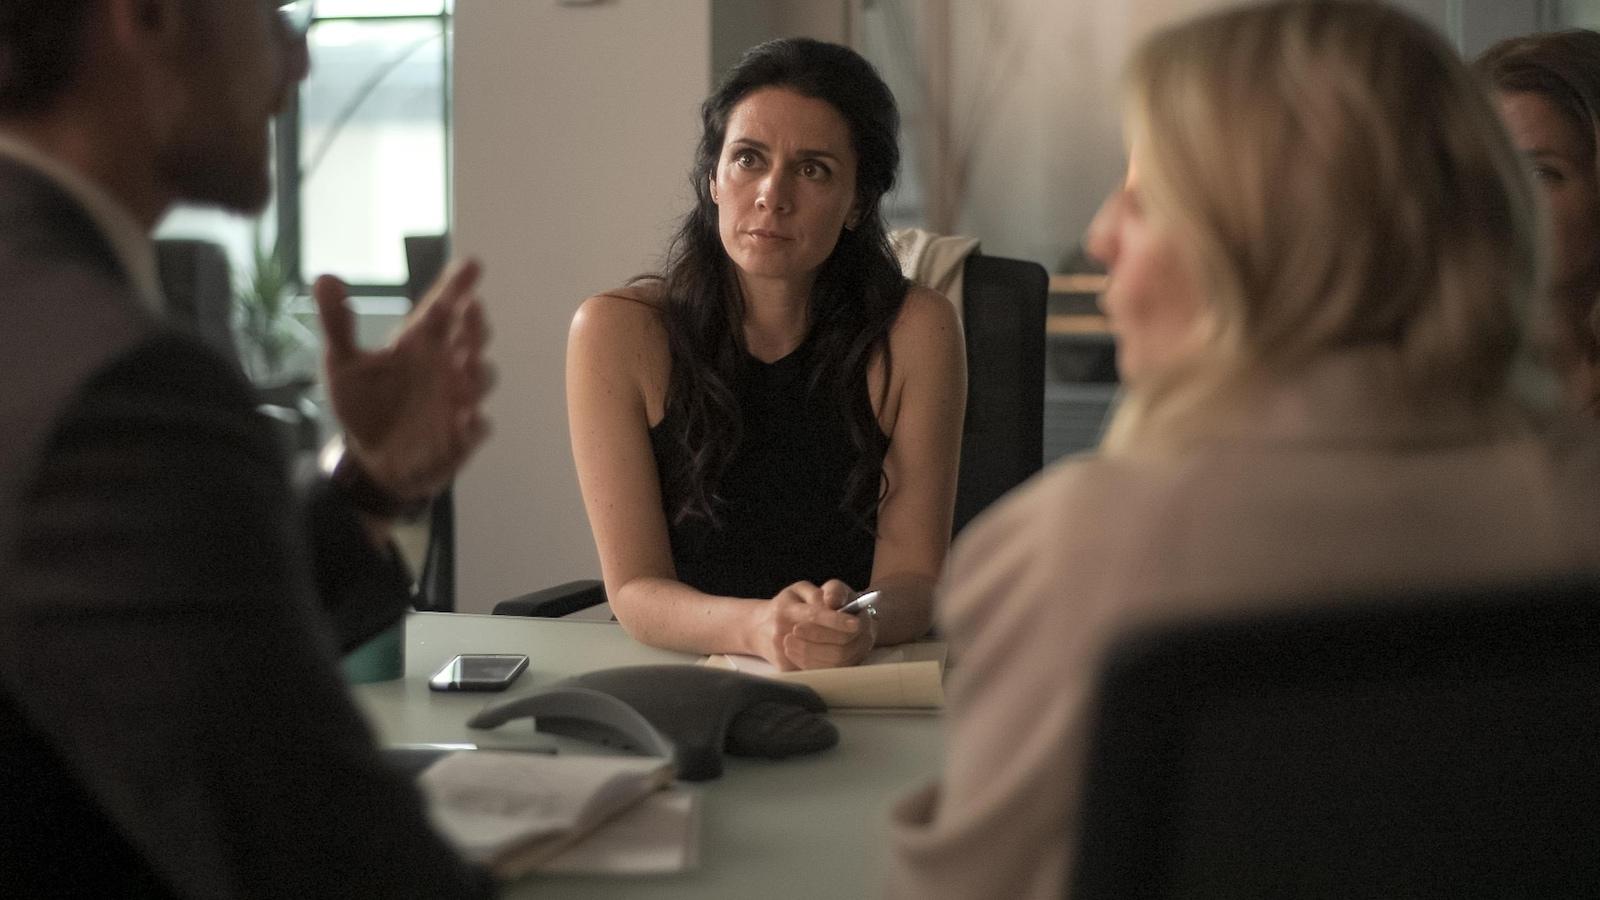 Elle écoute attentivement ce que dit son collège. Elle est assise dans une salle de réunion.